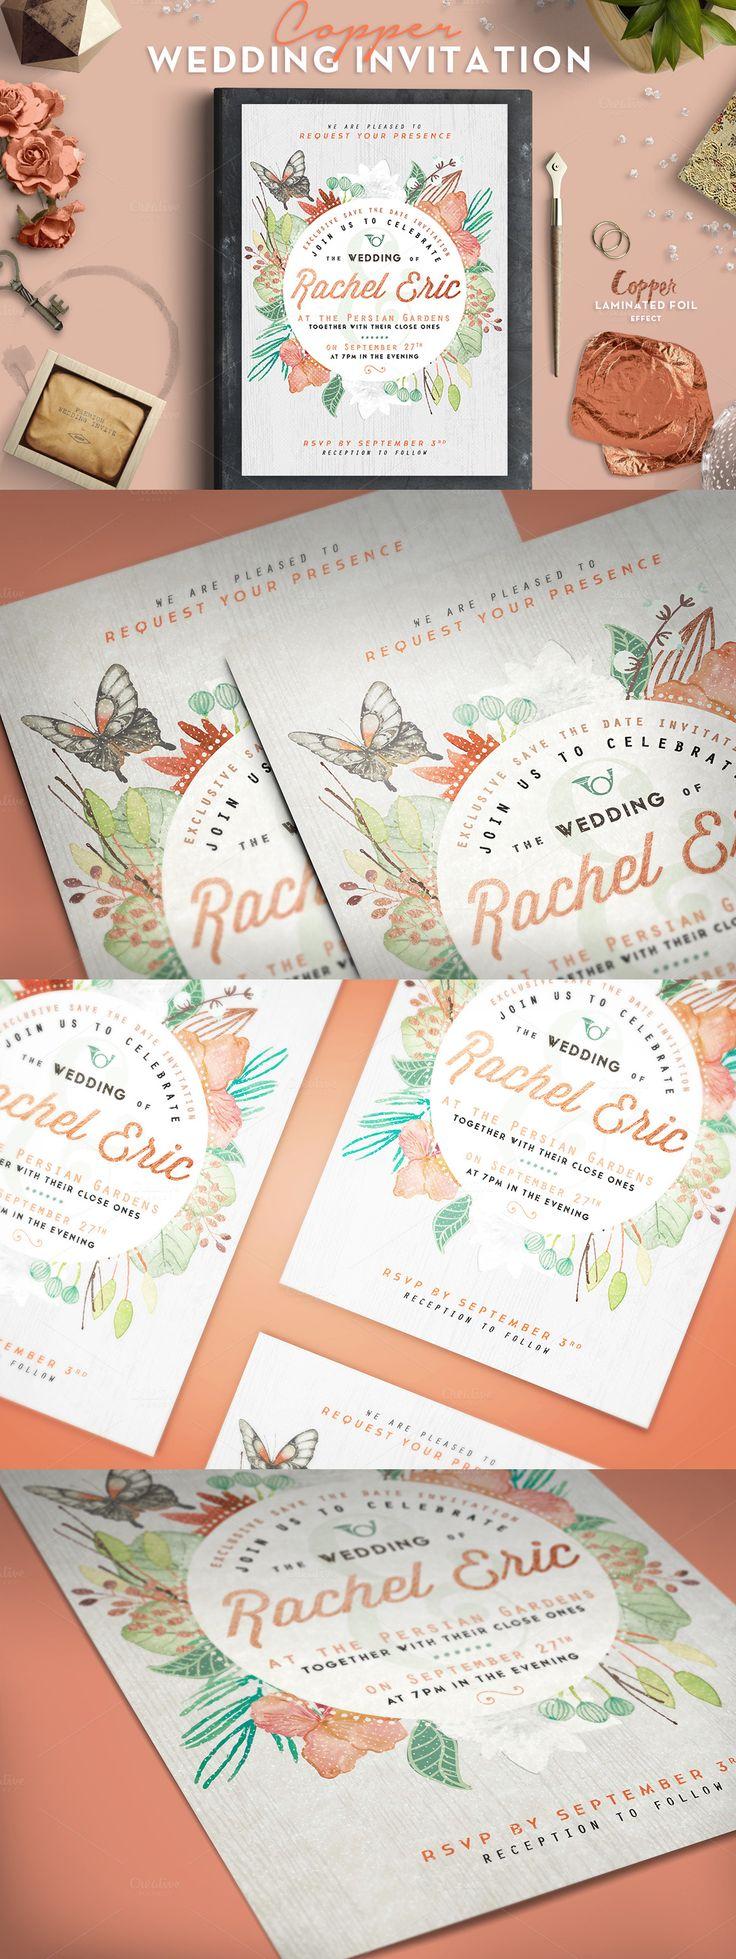 Copper Foil Wedding Invitation Template PSD design